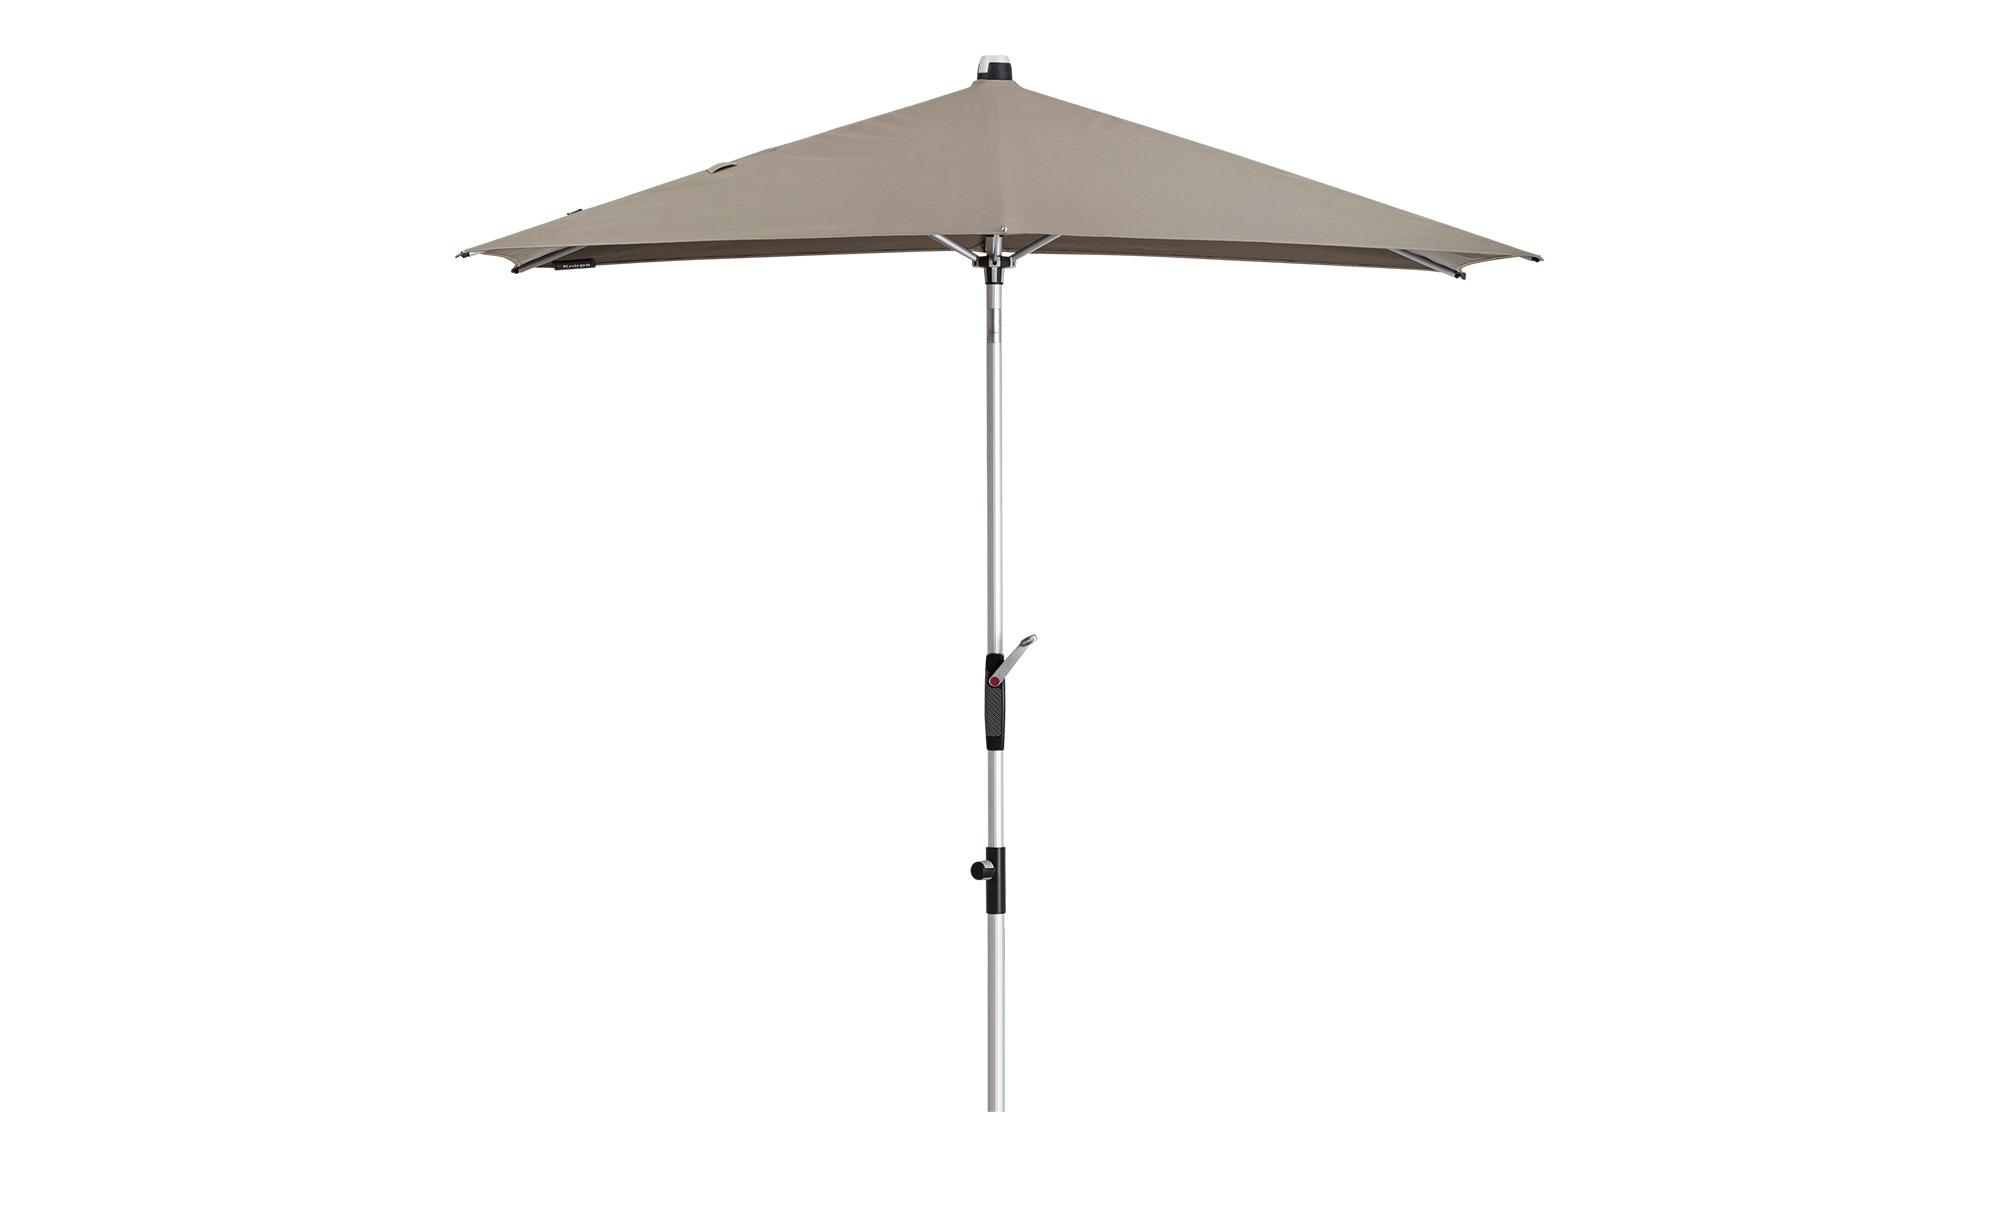 Balkonschirm Knirps Gefunden Bei Mobel Hoffner In 2020 Sonnenschirm Schirm Wasserabweisender Stoff